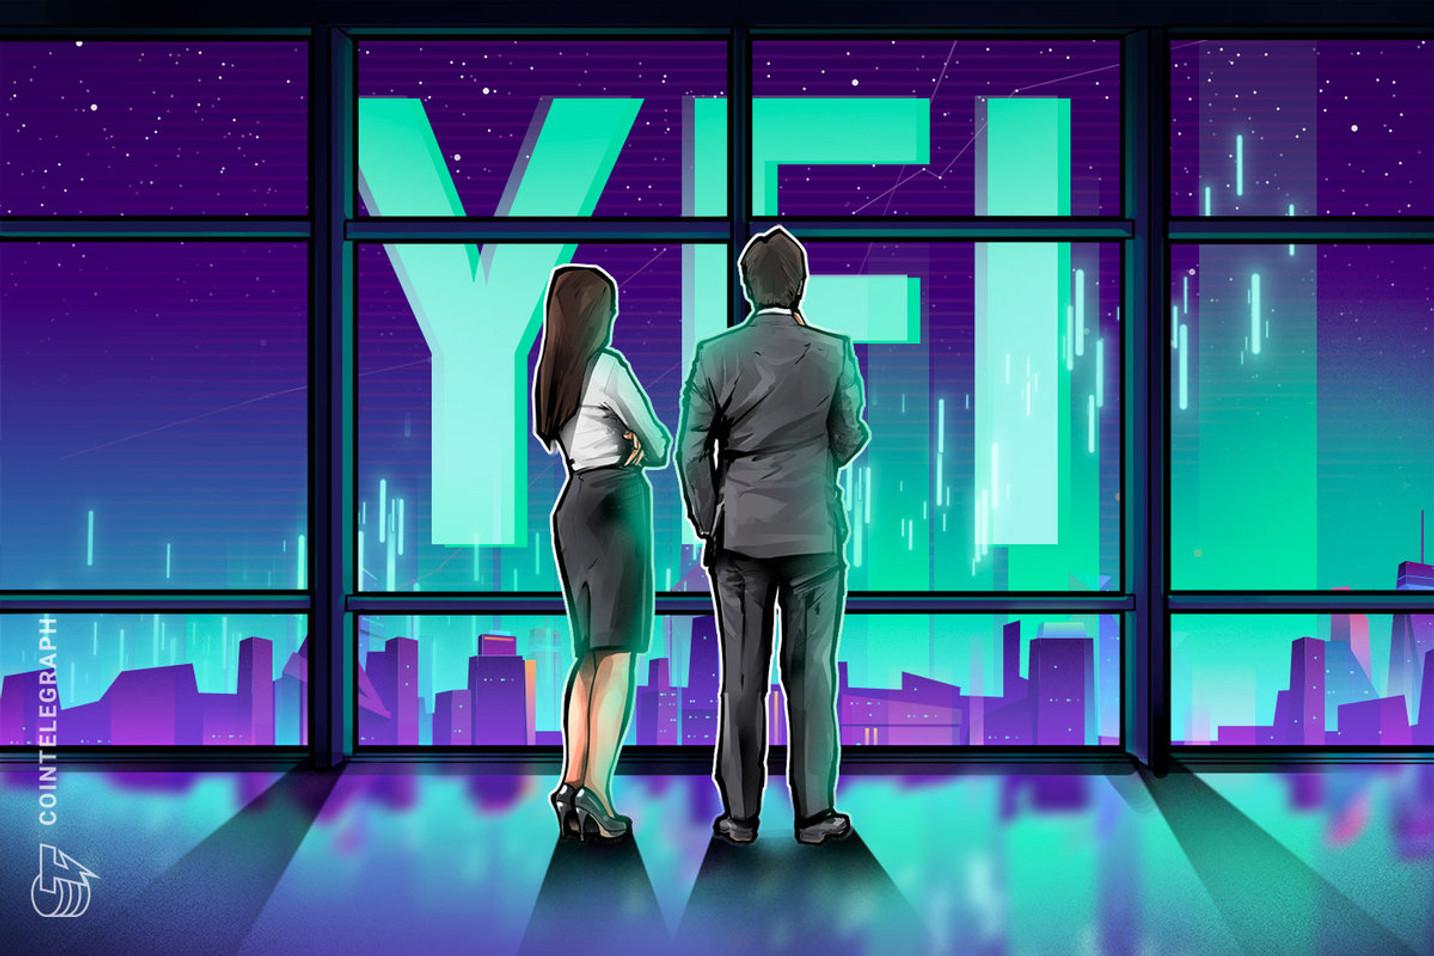 Yearn.finance busca un nuevo máximo histórico, ¿podrá el precio de YFI superar los USD 66,000?